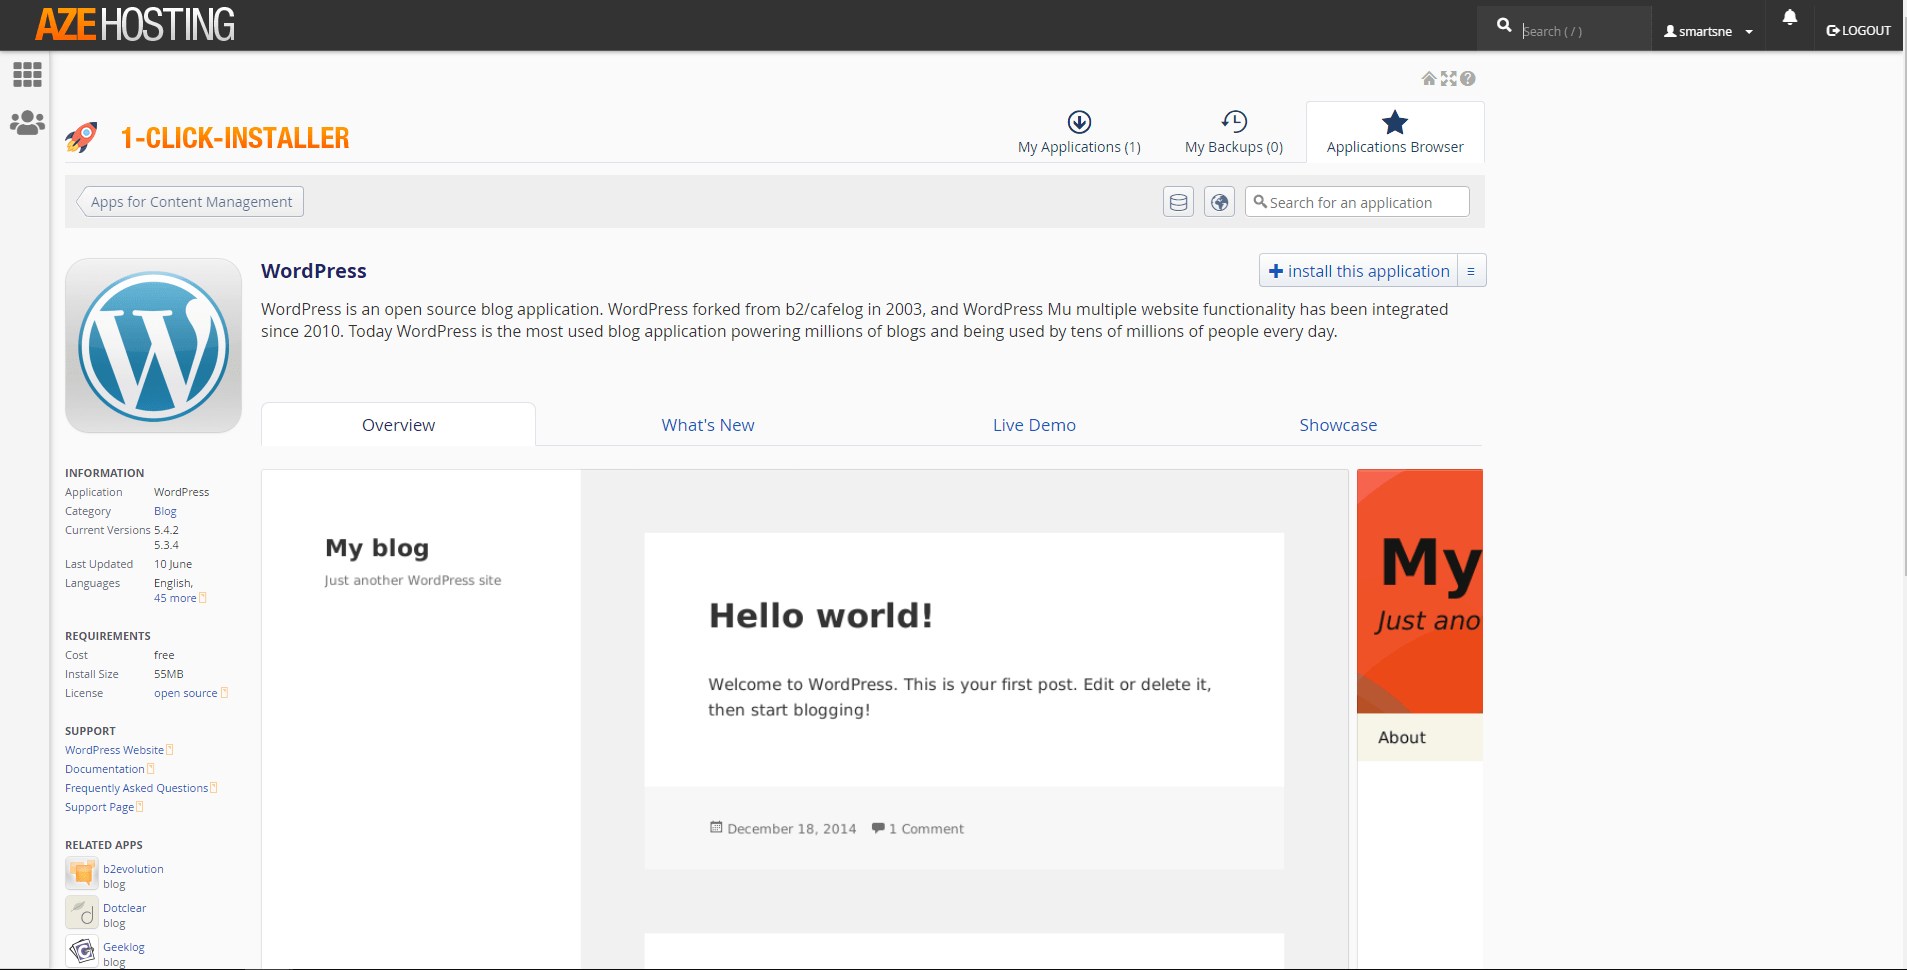 AzeHosting – Nem installation af WordPress